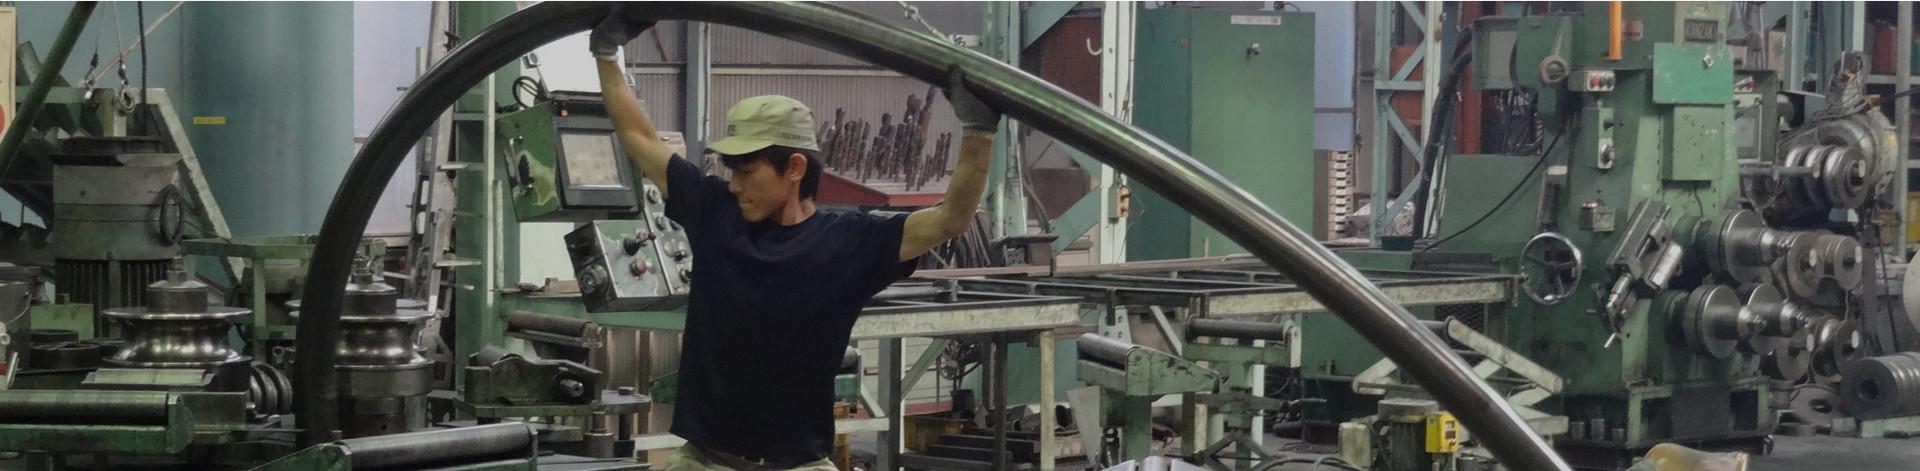 モノづくりのまち東大阪スライド画像_3